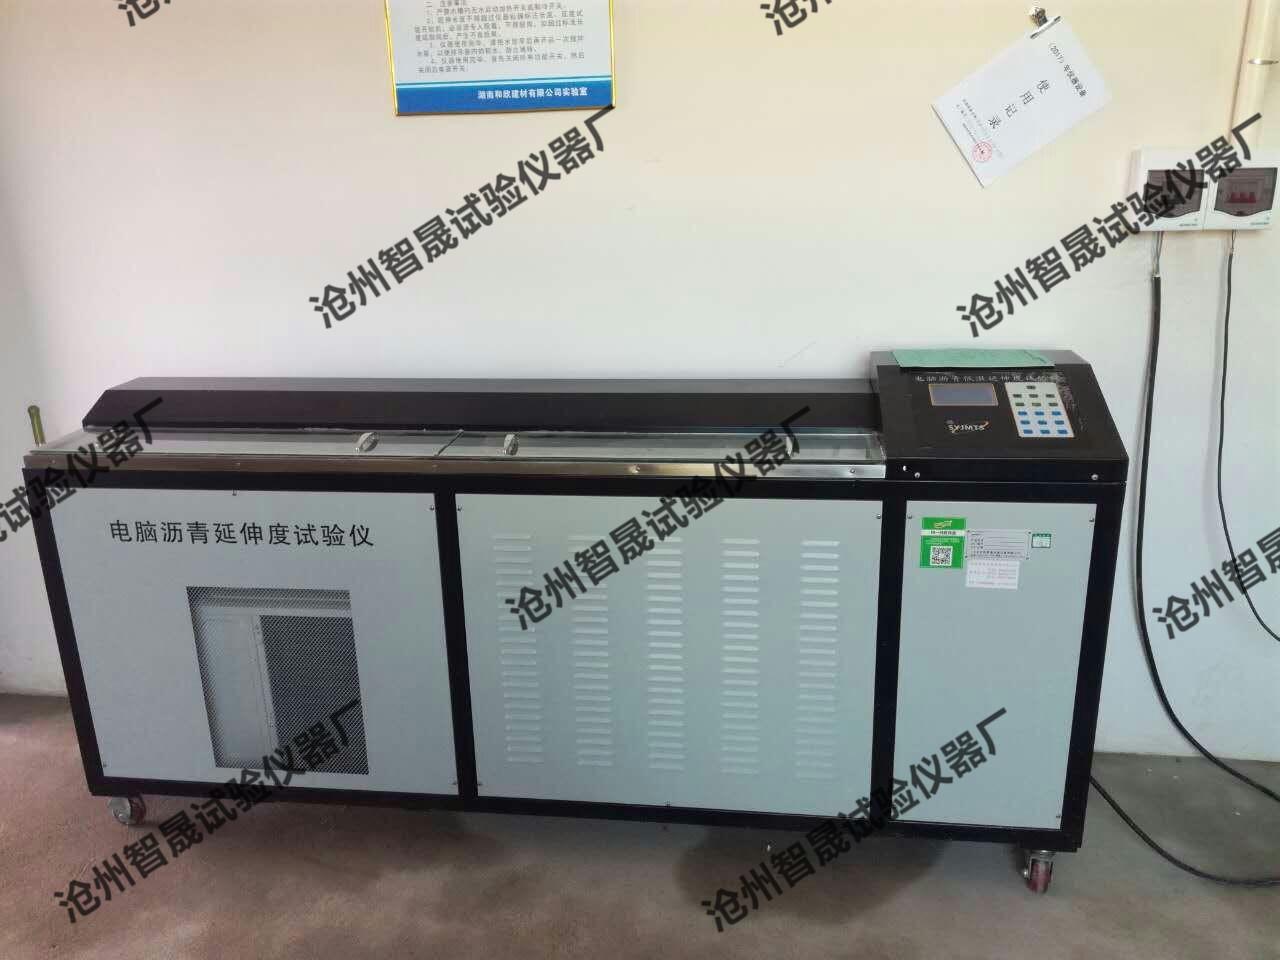 沥青延伸度试验仪,2米延伸度仪,沥青低温延伸度仪